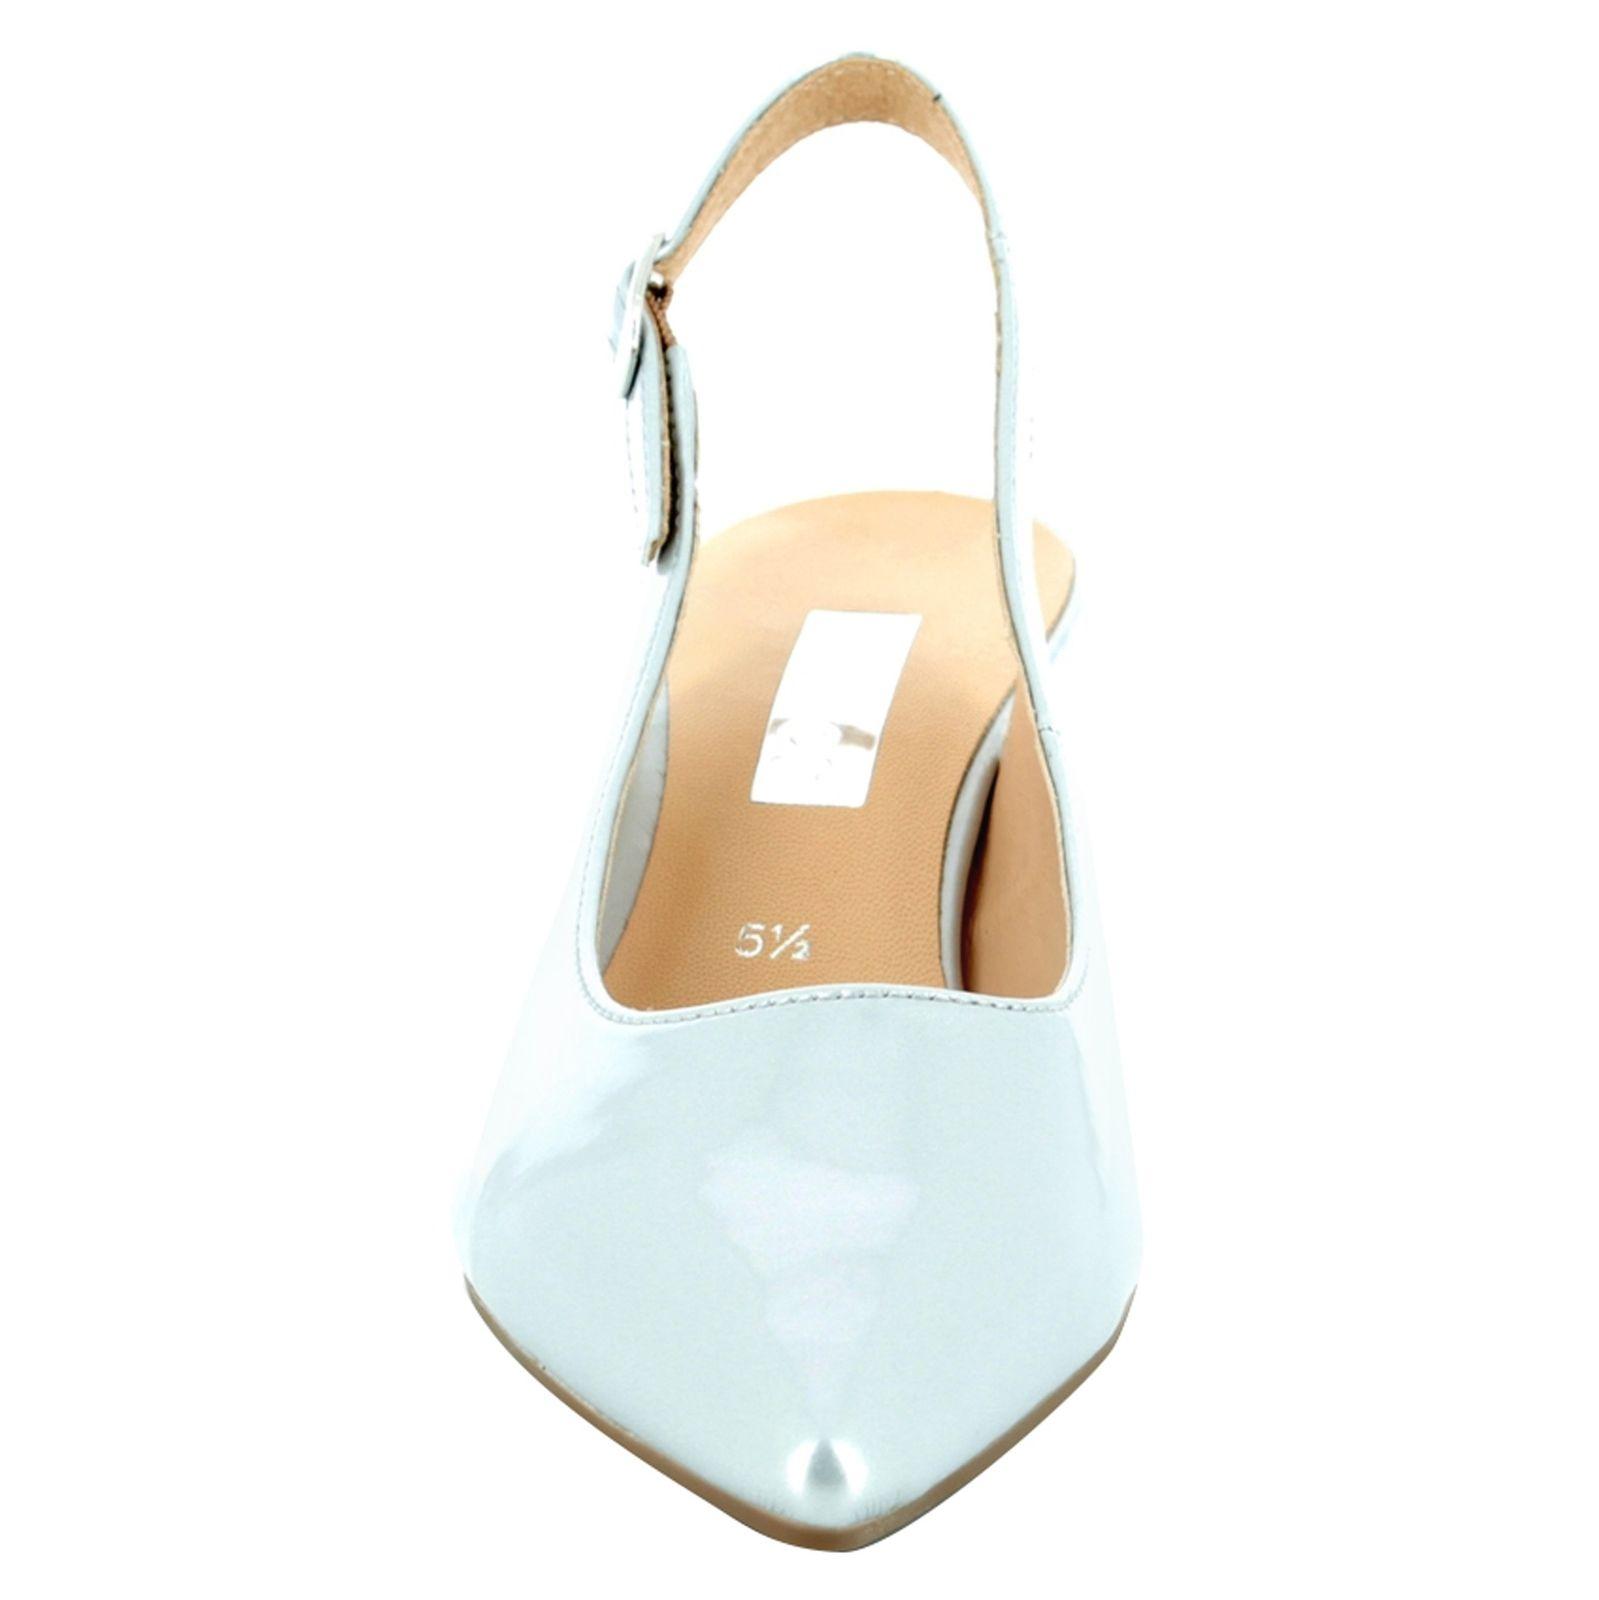 کفش زنانه گابور مدل 81.550.96 main 1 3